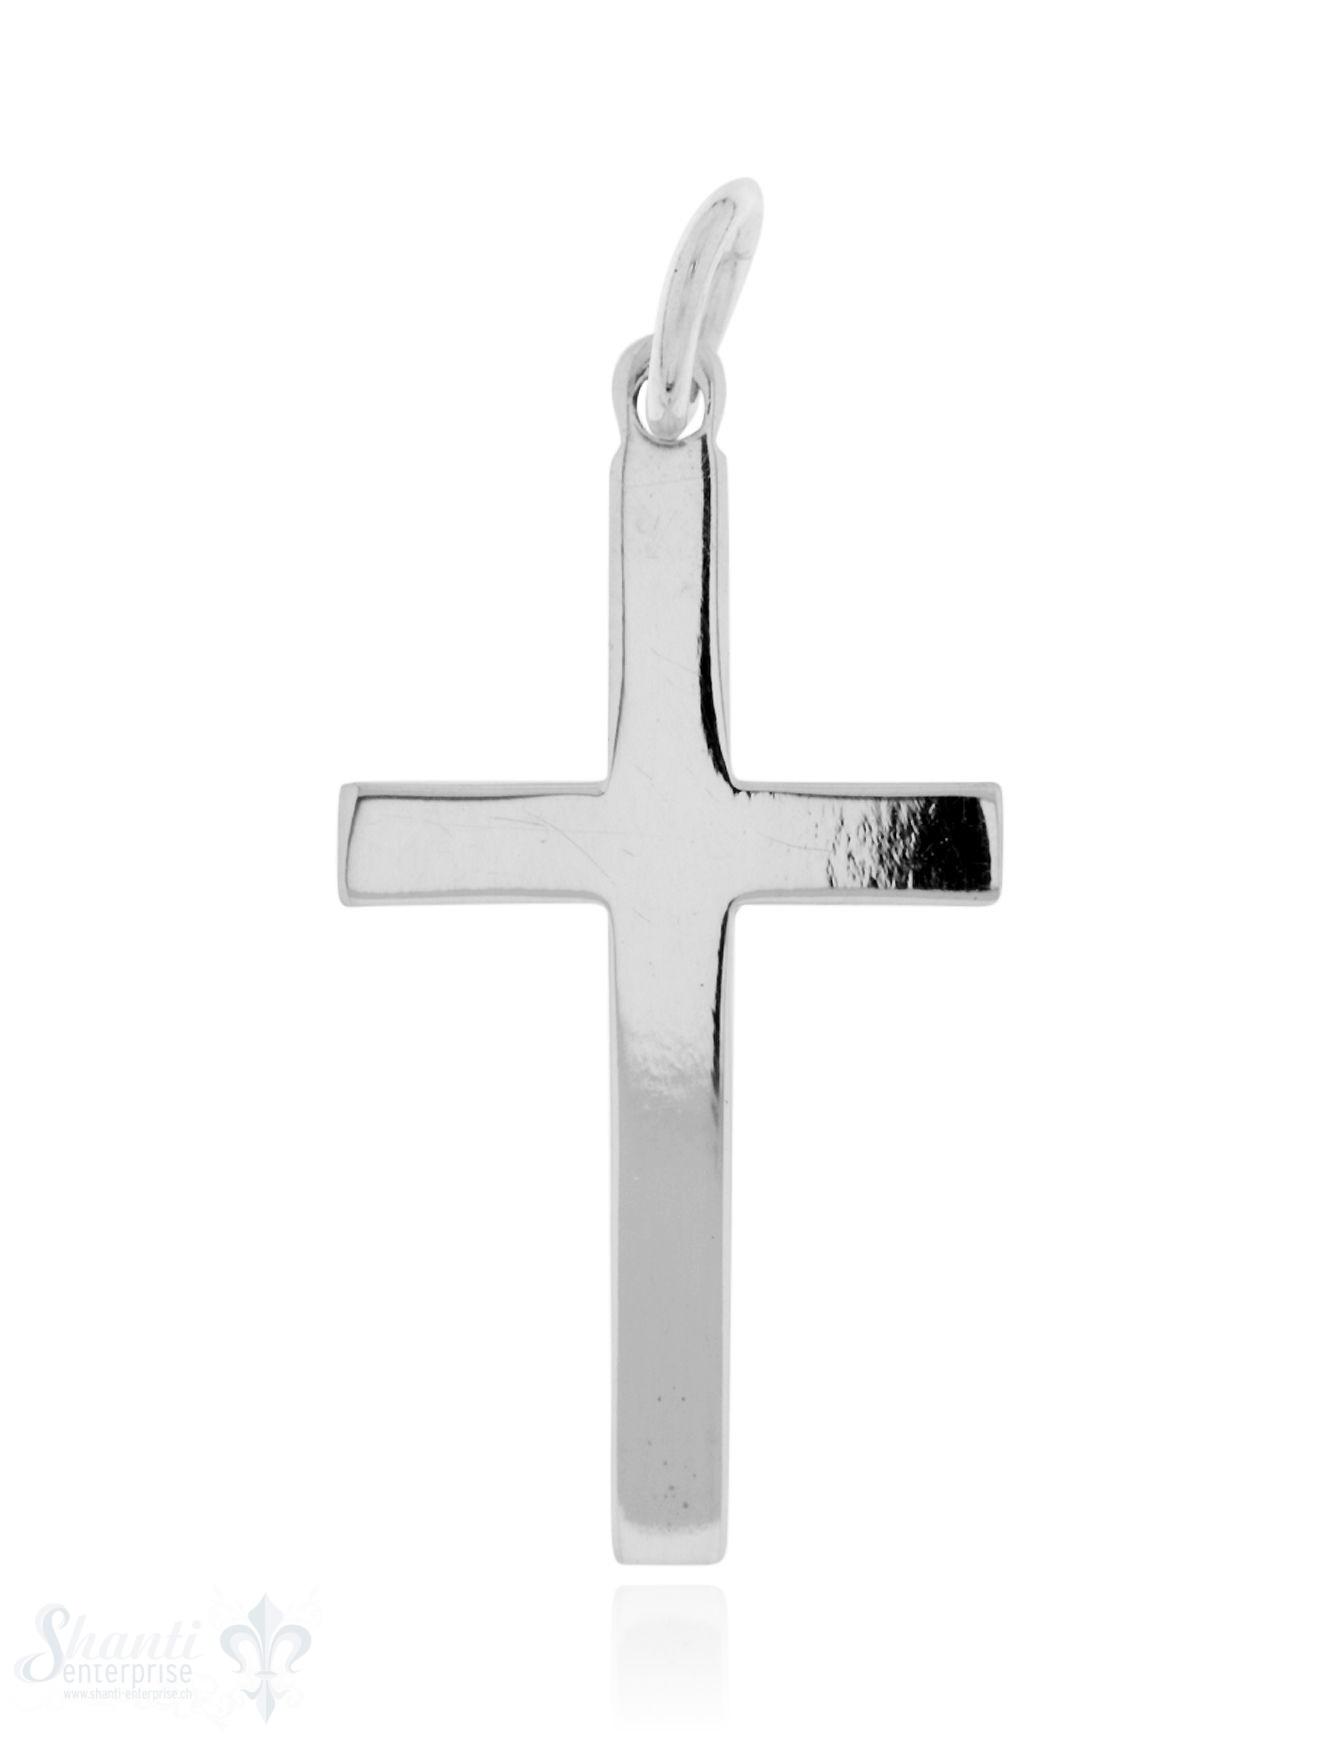 Anhänger Silber hell Kreuz glatt fein 29x16 mm